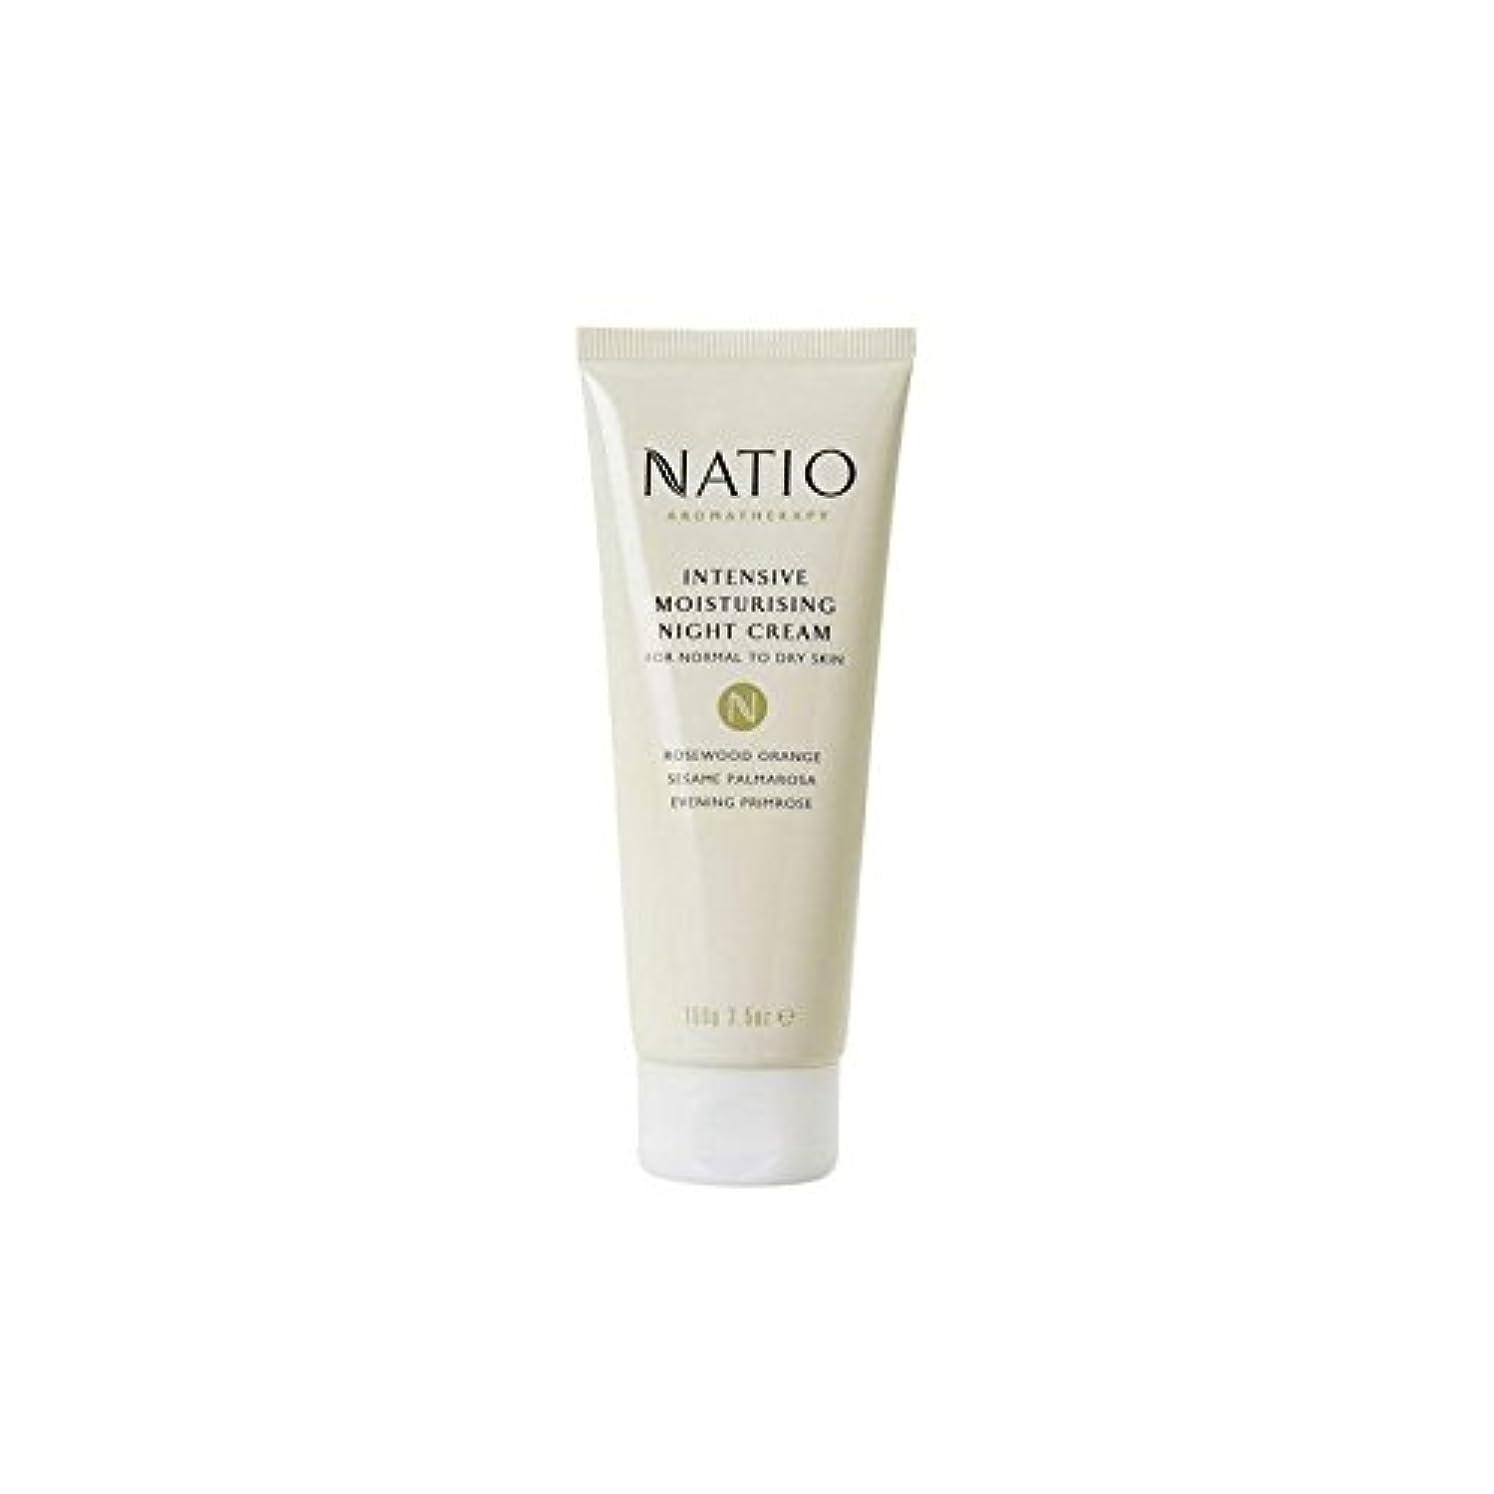 コミュニティ雄弁家走る集中的な保湿ナイトクリーム(100グラム) x4 - Natio Intensive Moisturising Night Cream (100G) (Pack of 4) [並行輸入品]